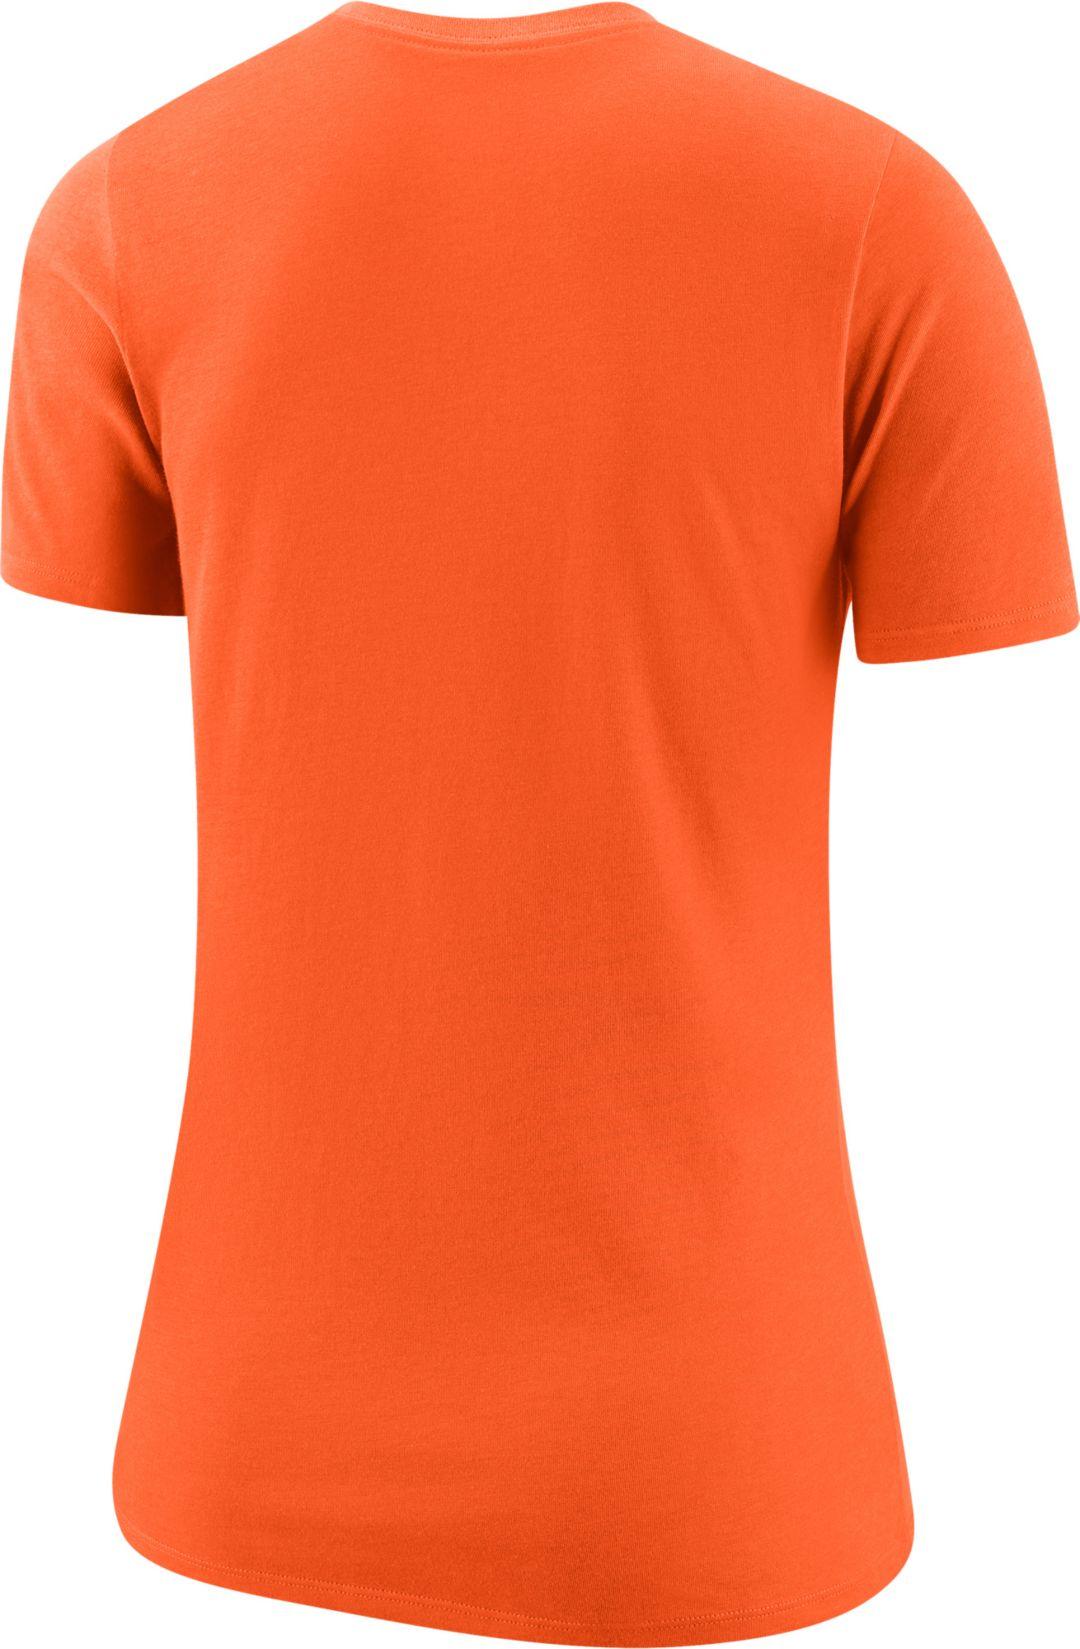 économiser 6a151 c8a91 Nike Women's Cincinnati Bengals Logo Dri-FIT Performance Orange T-Shirt